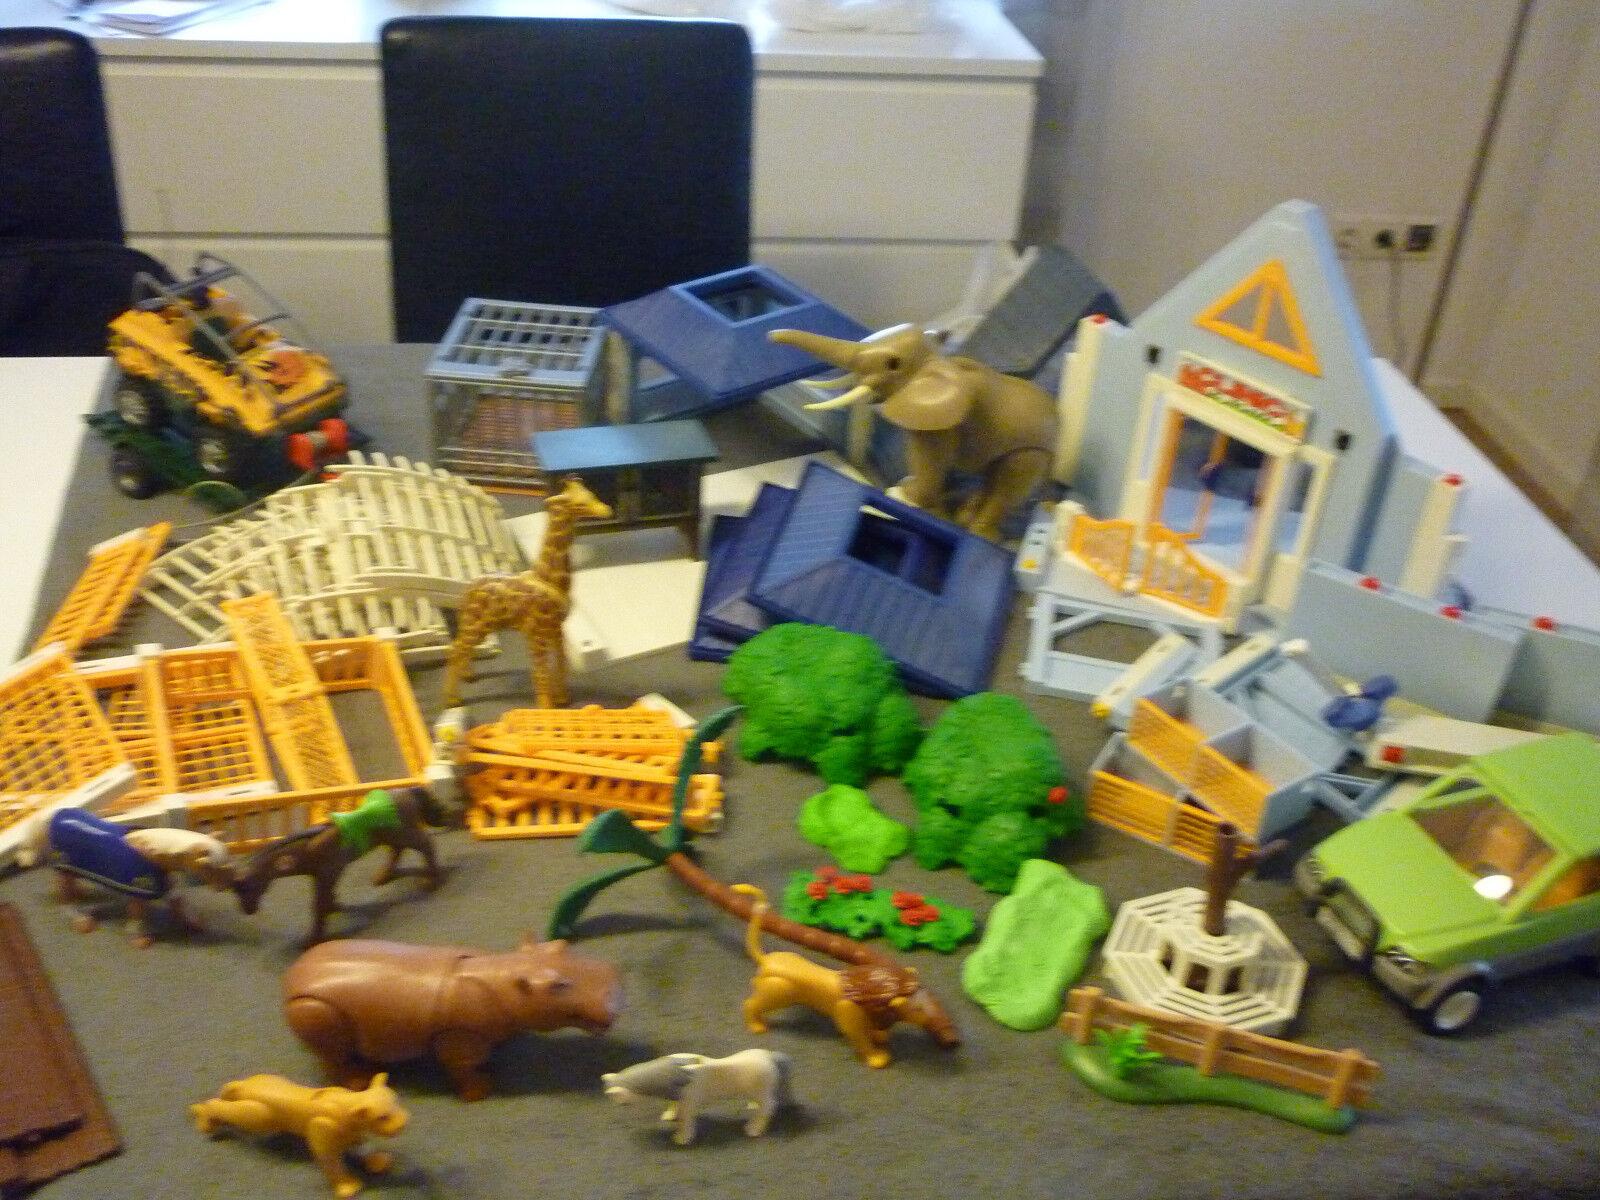 Playmobil Liasse, Fort Bravo, clinique vétérinaire, Safari, animaux, de nombreux animaux, Safari, accessoires 21bcca